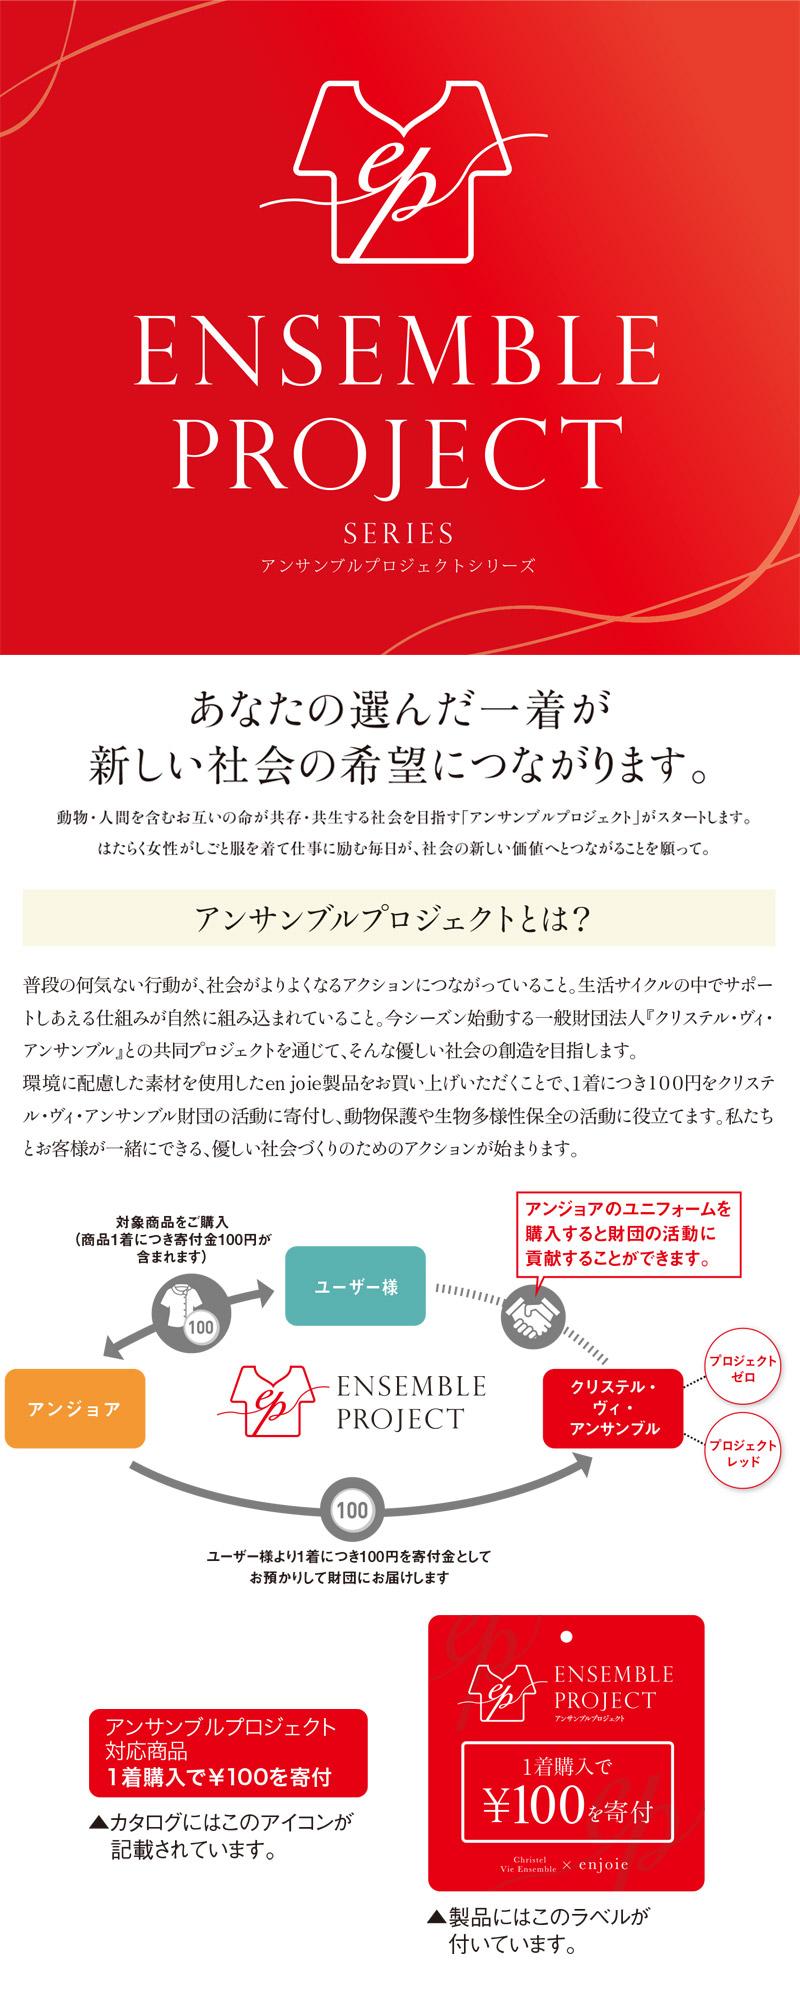 オーバーブラウス(アンサンブルプロジェクト対応商品)